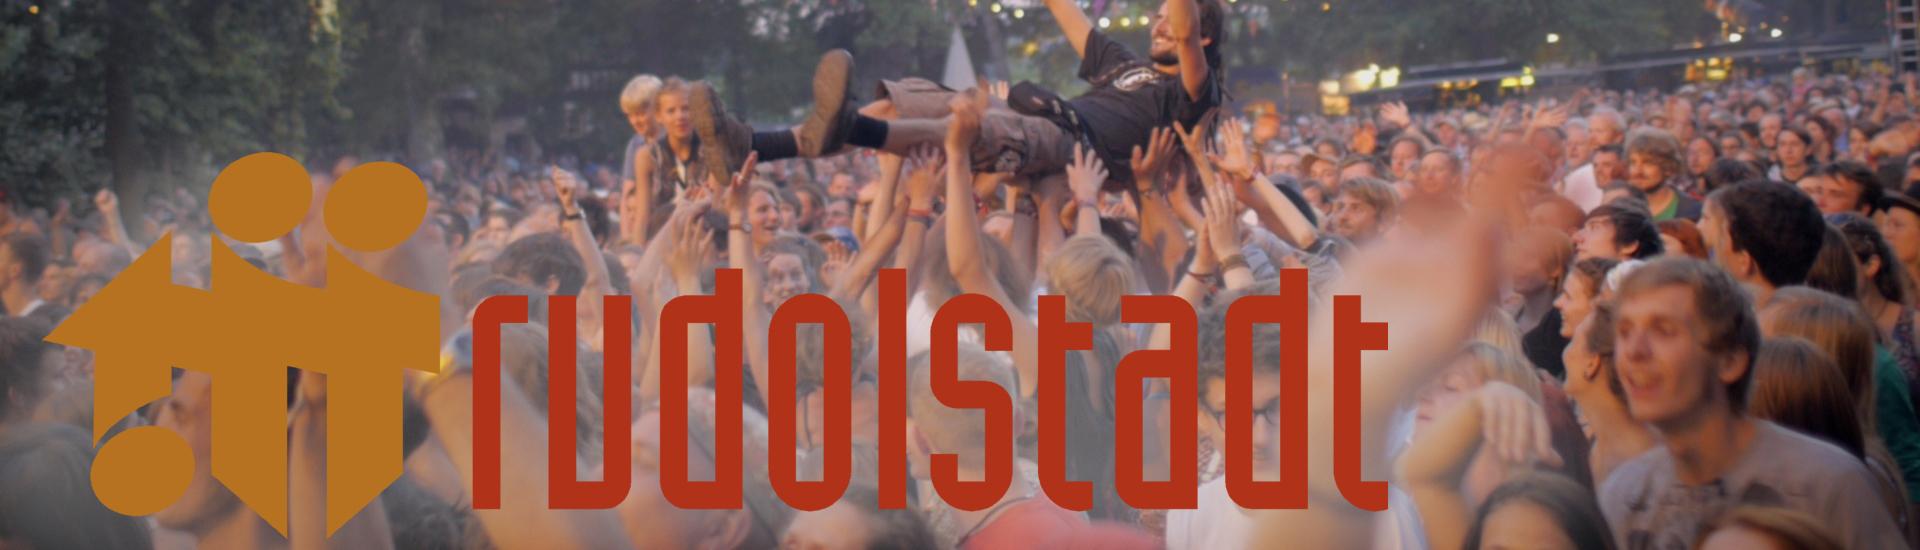 TFF Rudolstadt 2013 Trailer – Folk Roots Weltmusik Festival